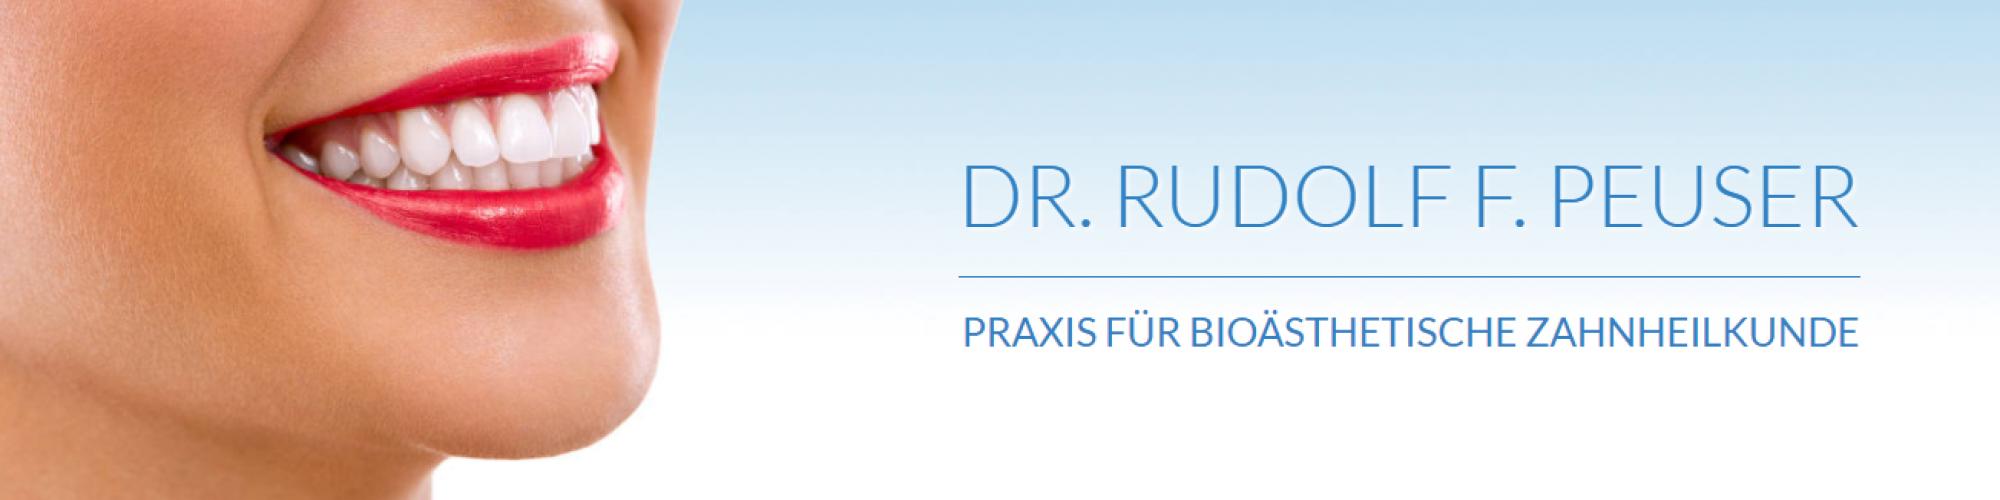 Zahnarztpraxis Dr. Rudolf F. Peuser